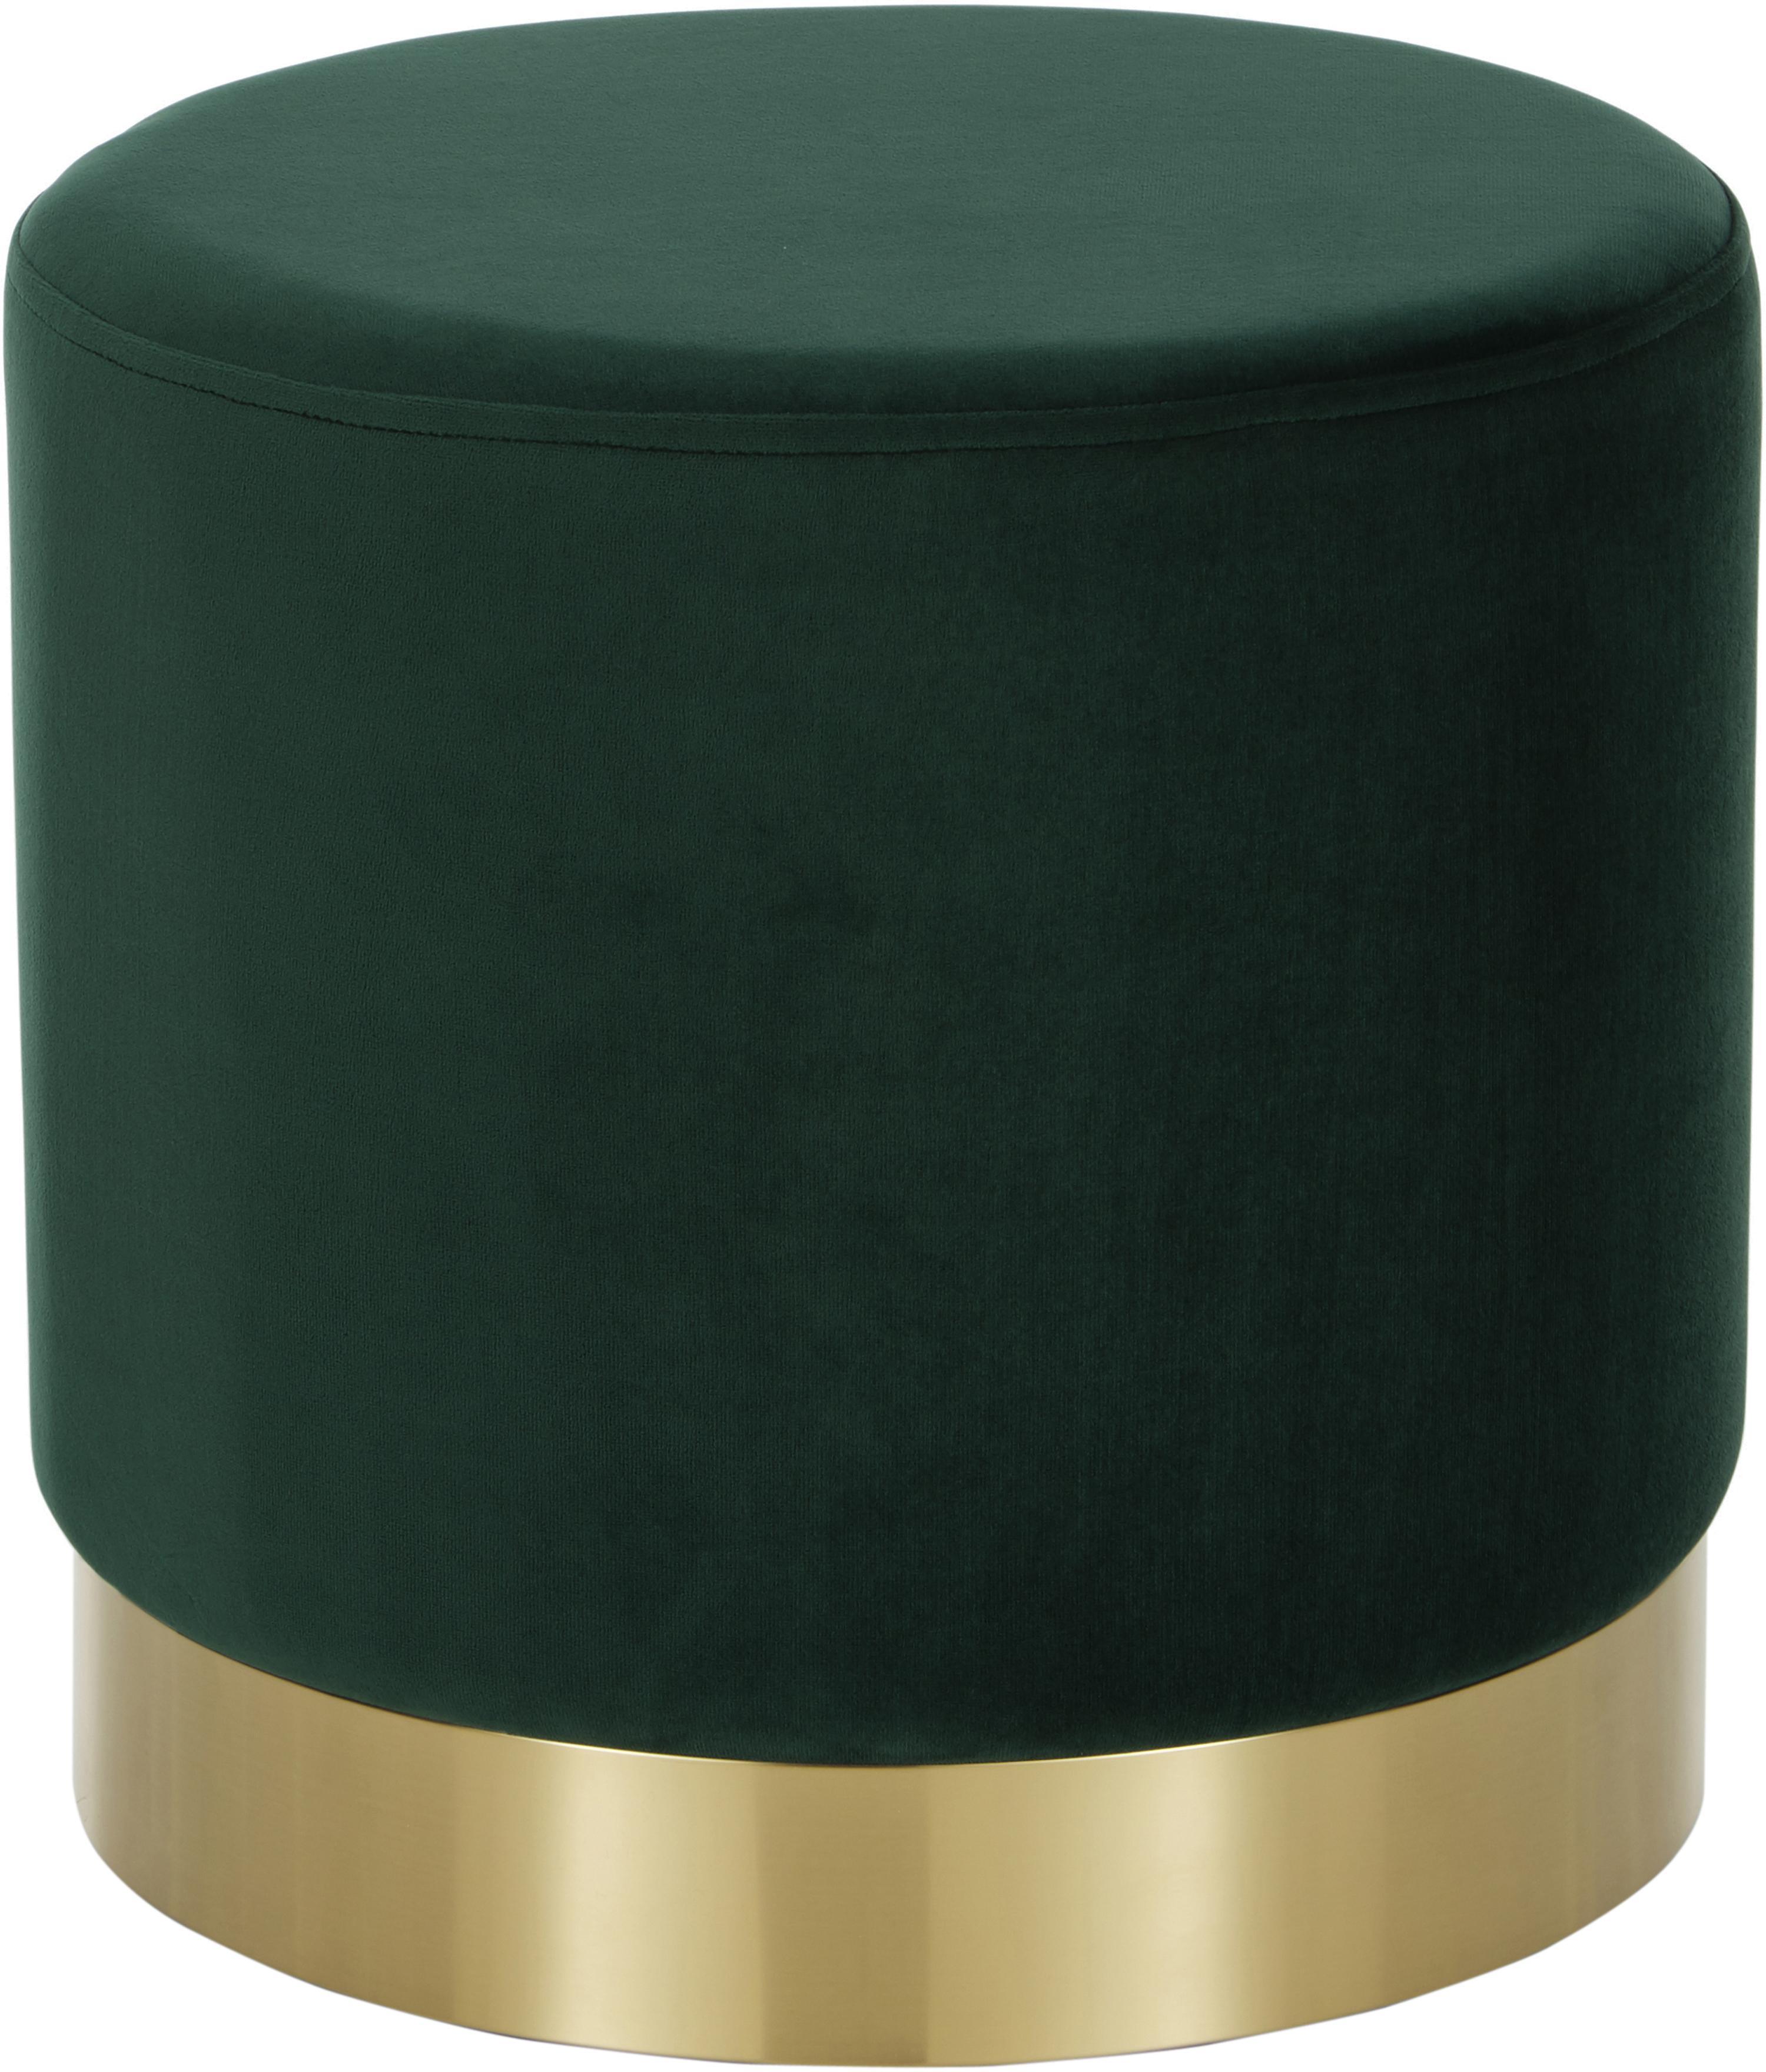 Pouf in velluto Orchid, Rivestimento: velluto (poliestere) Con , Struttura: compensato, Rivestimento: verde chiaro. Base: dorato, Ø 38 x Alt. 38 cm